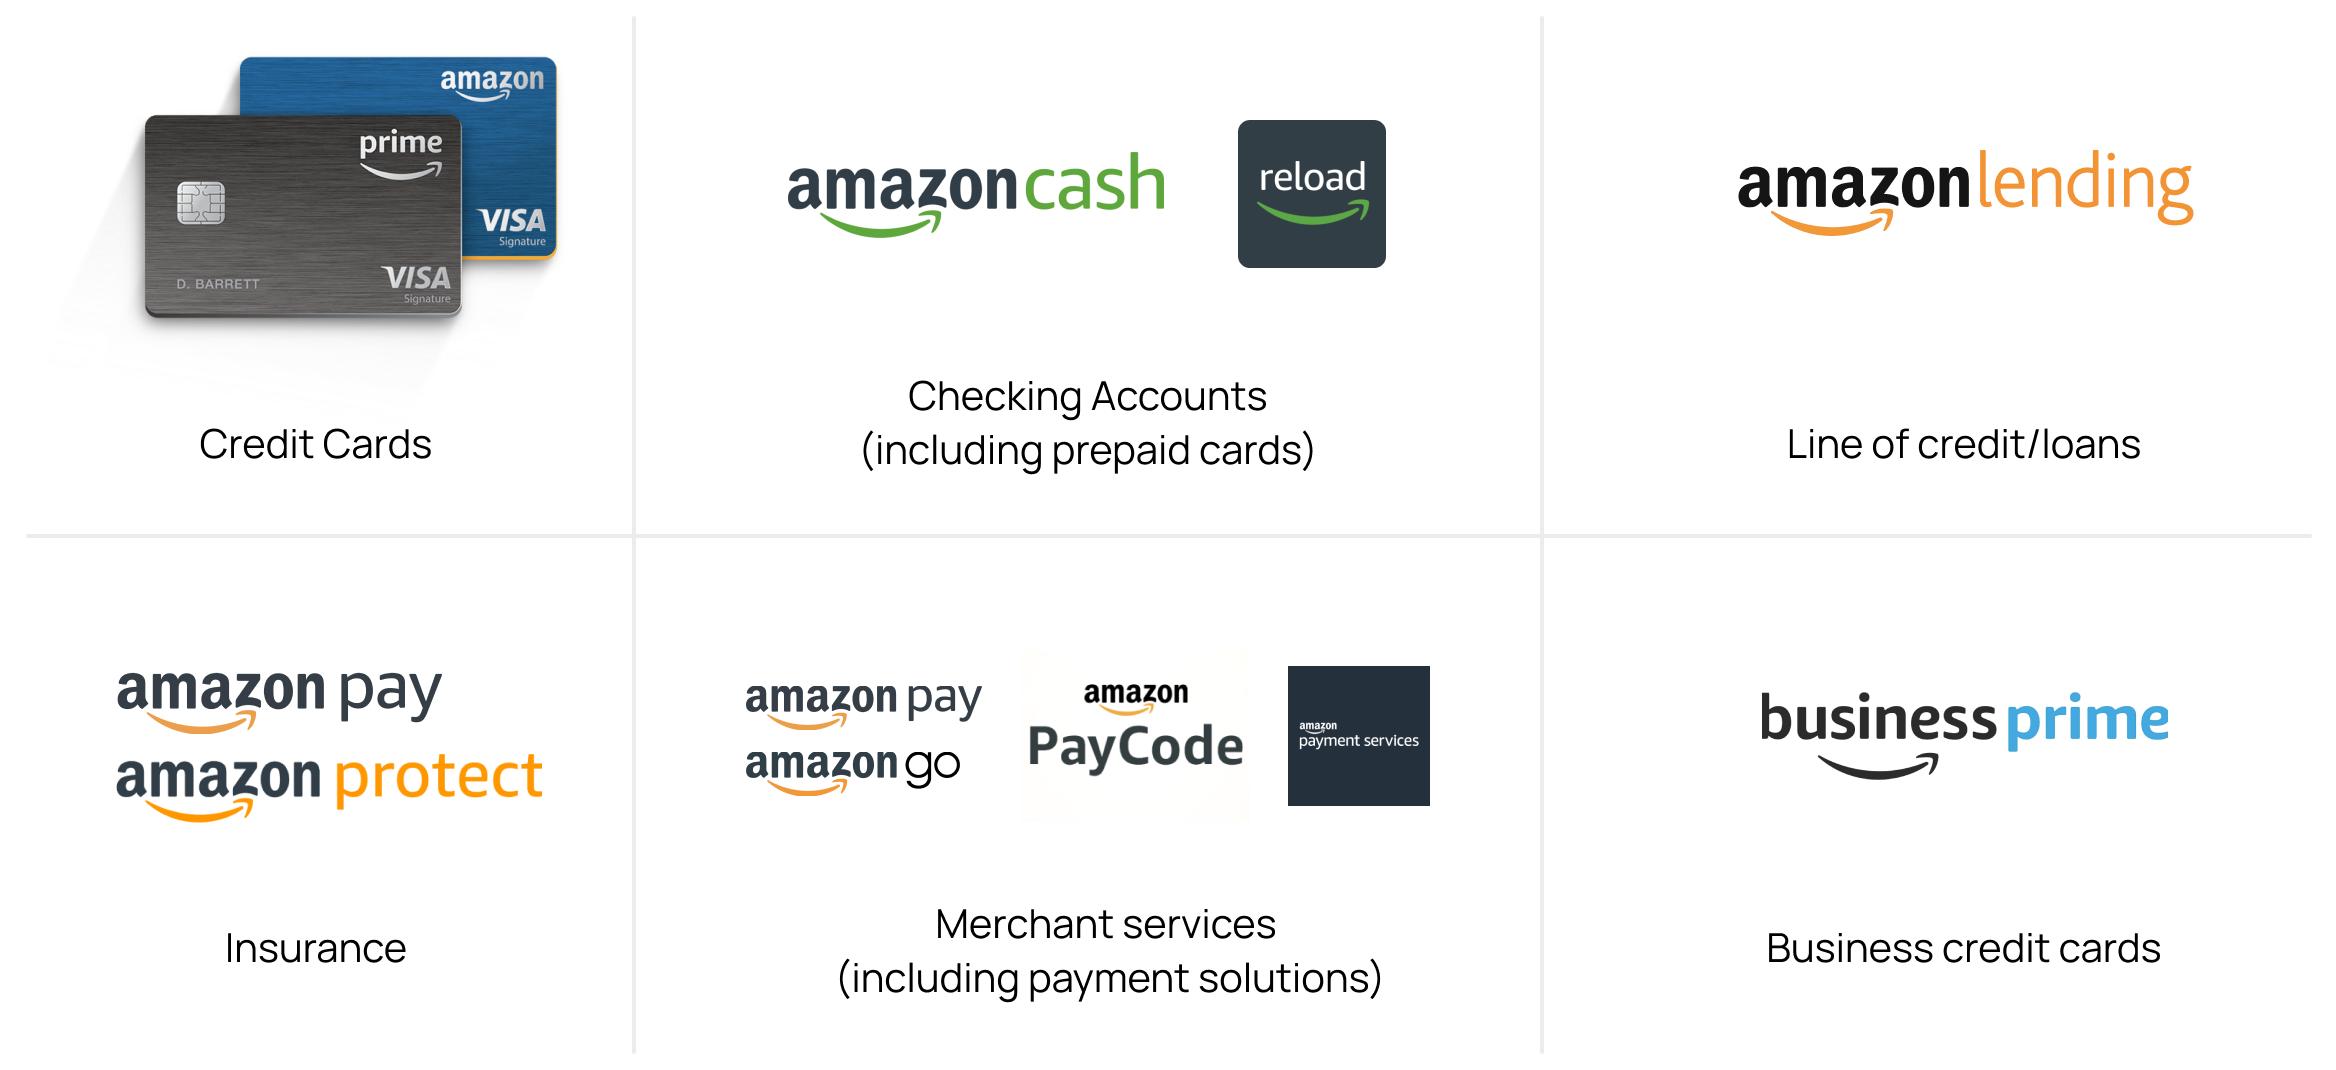 amazon-unbundling-bank-2